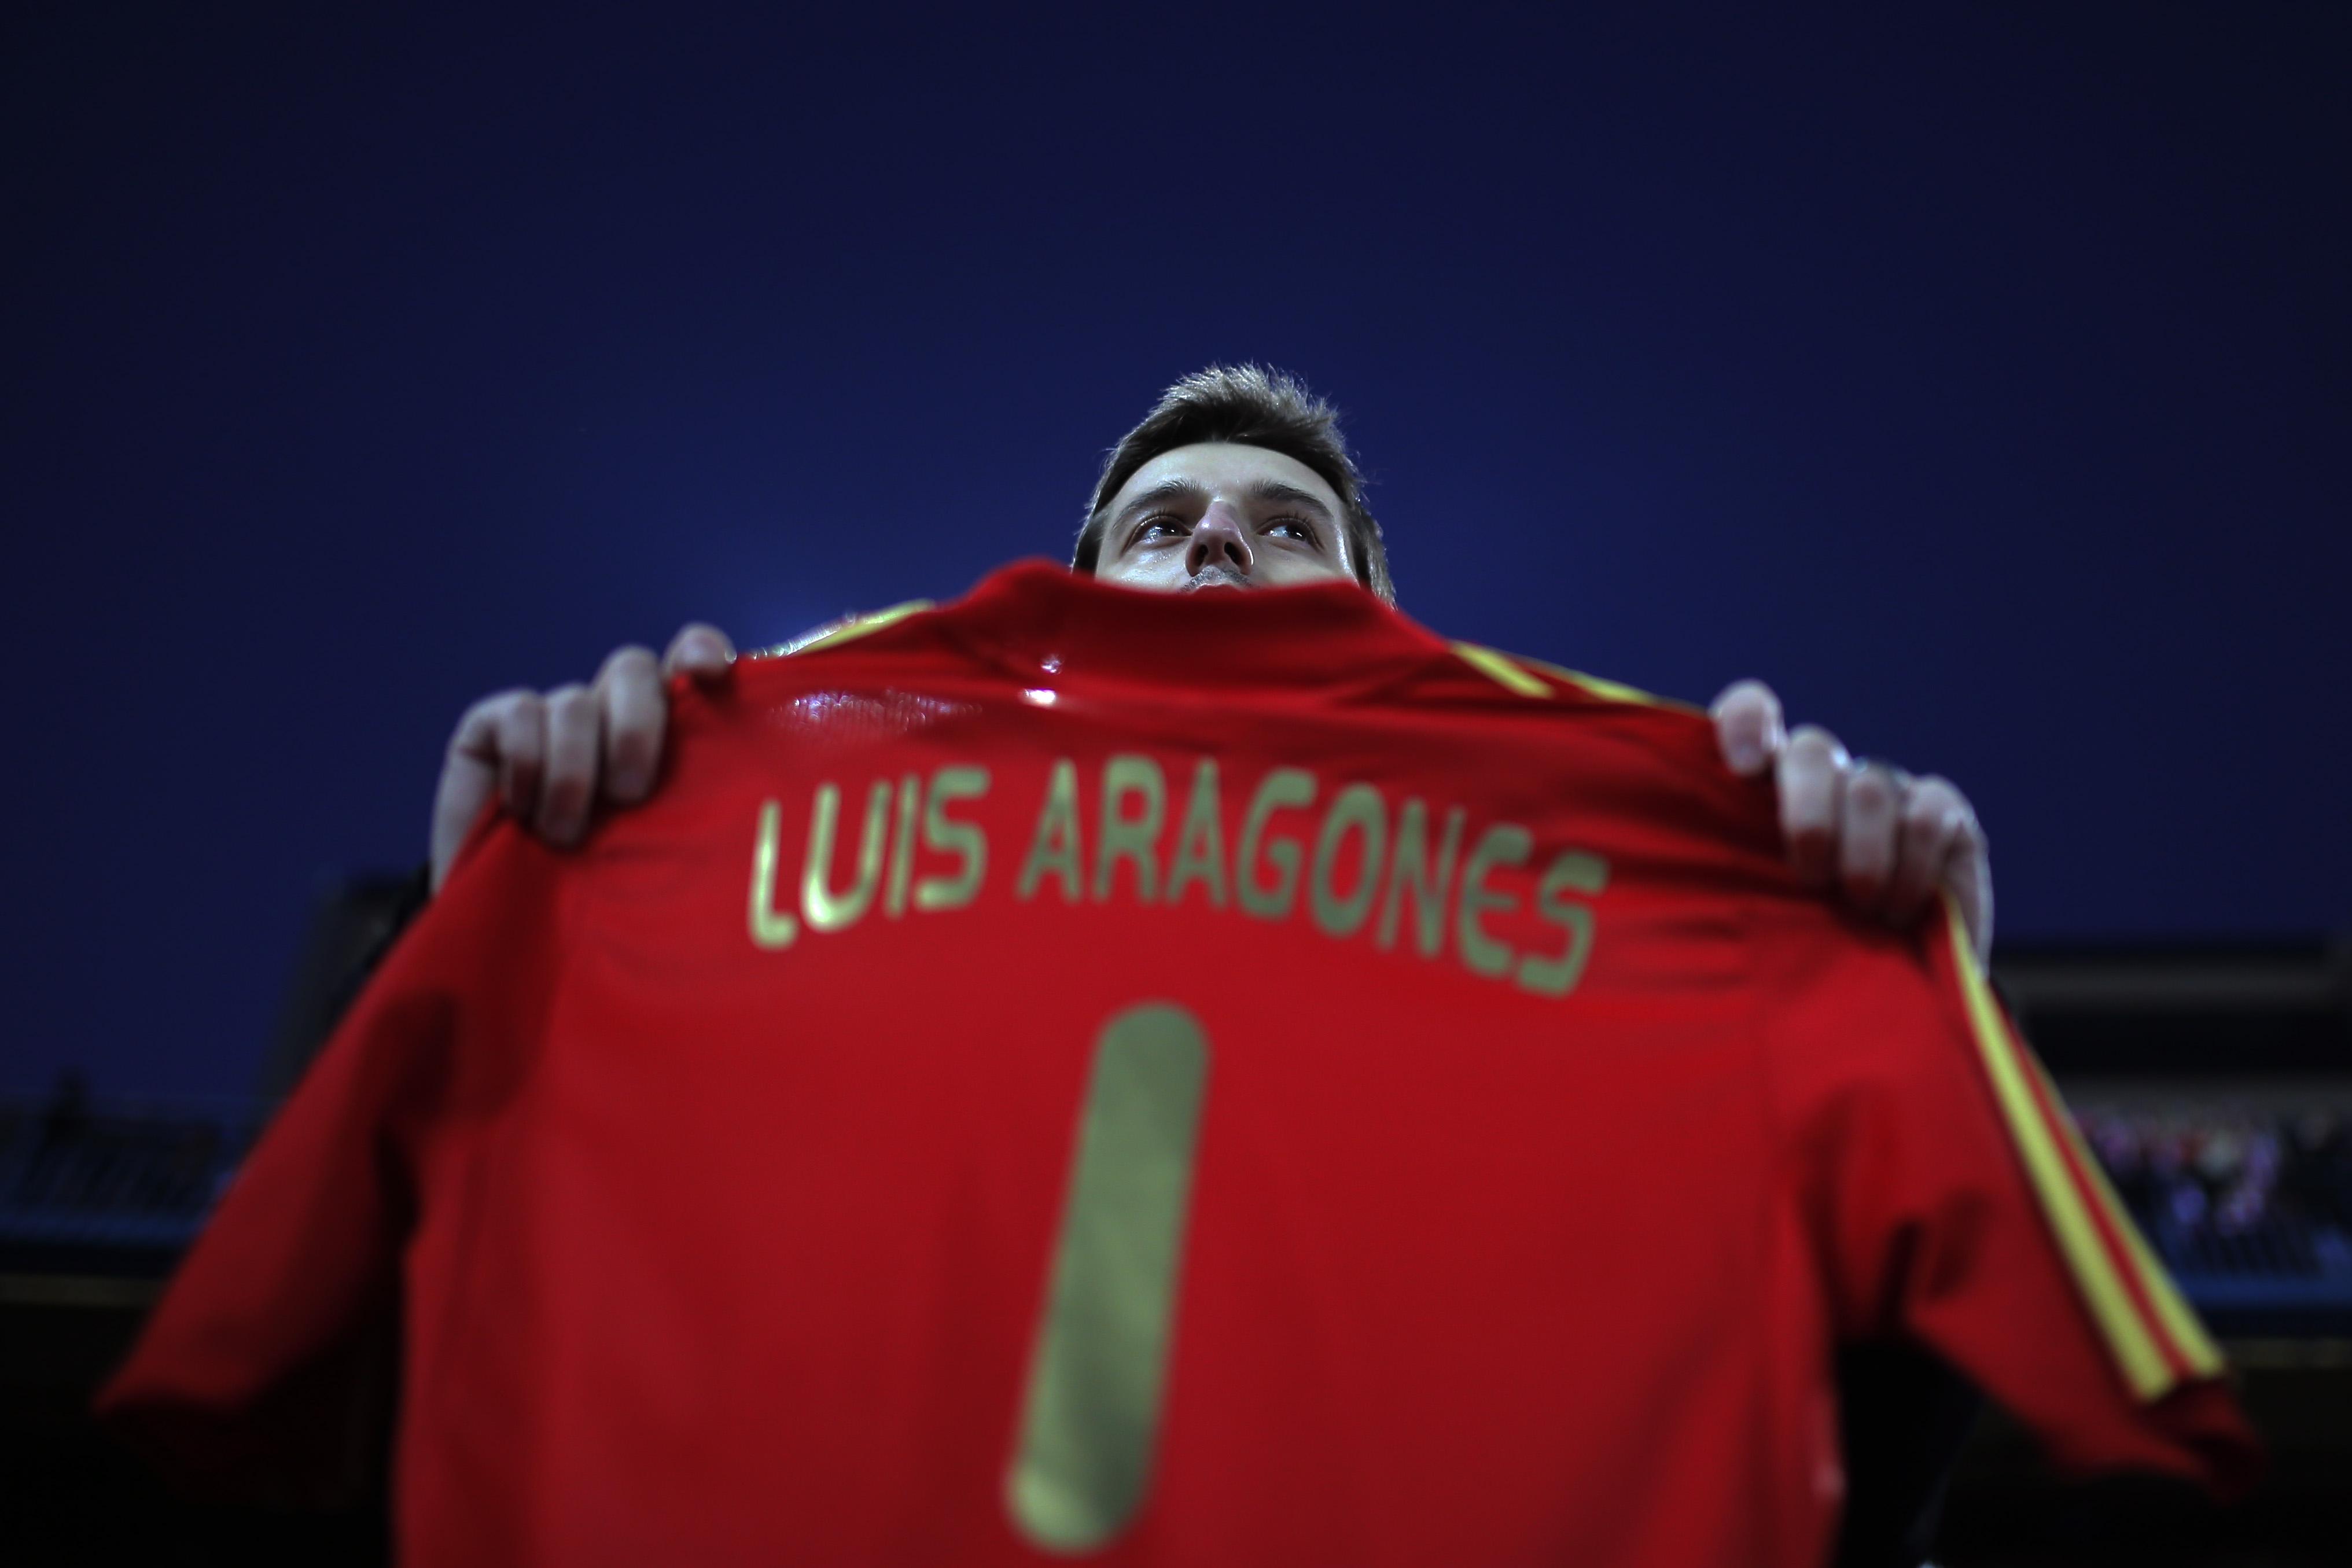 Болельщик Атлетико держит в руках футболку с надписью